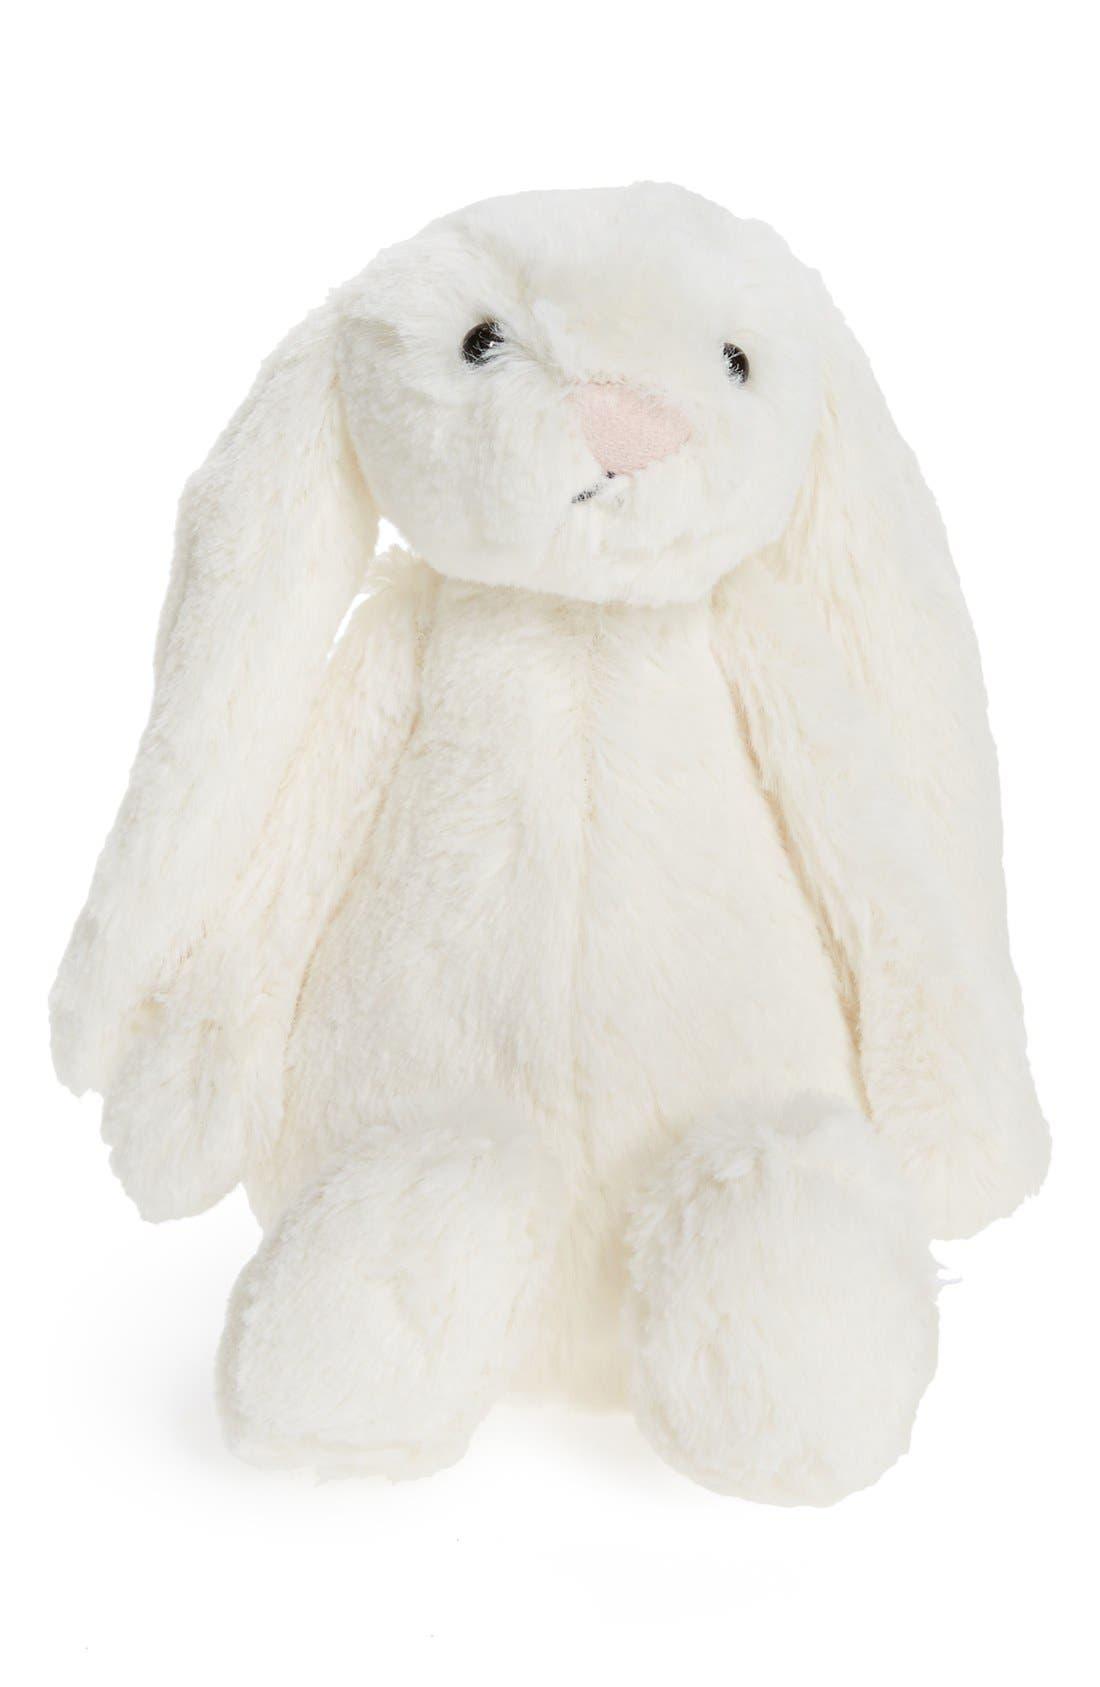 Jellycat 'Small Bashful Bunny' Stuffed Animal